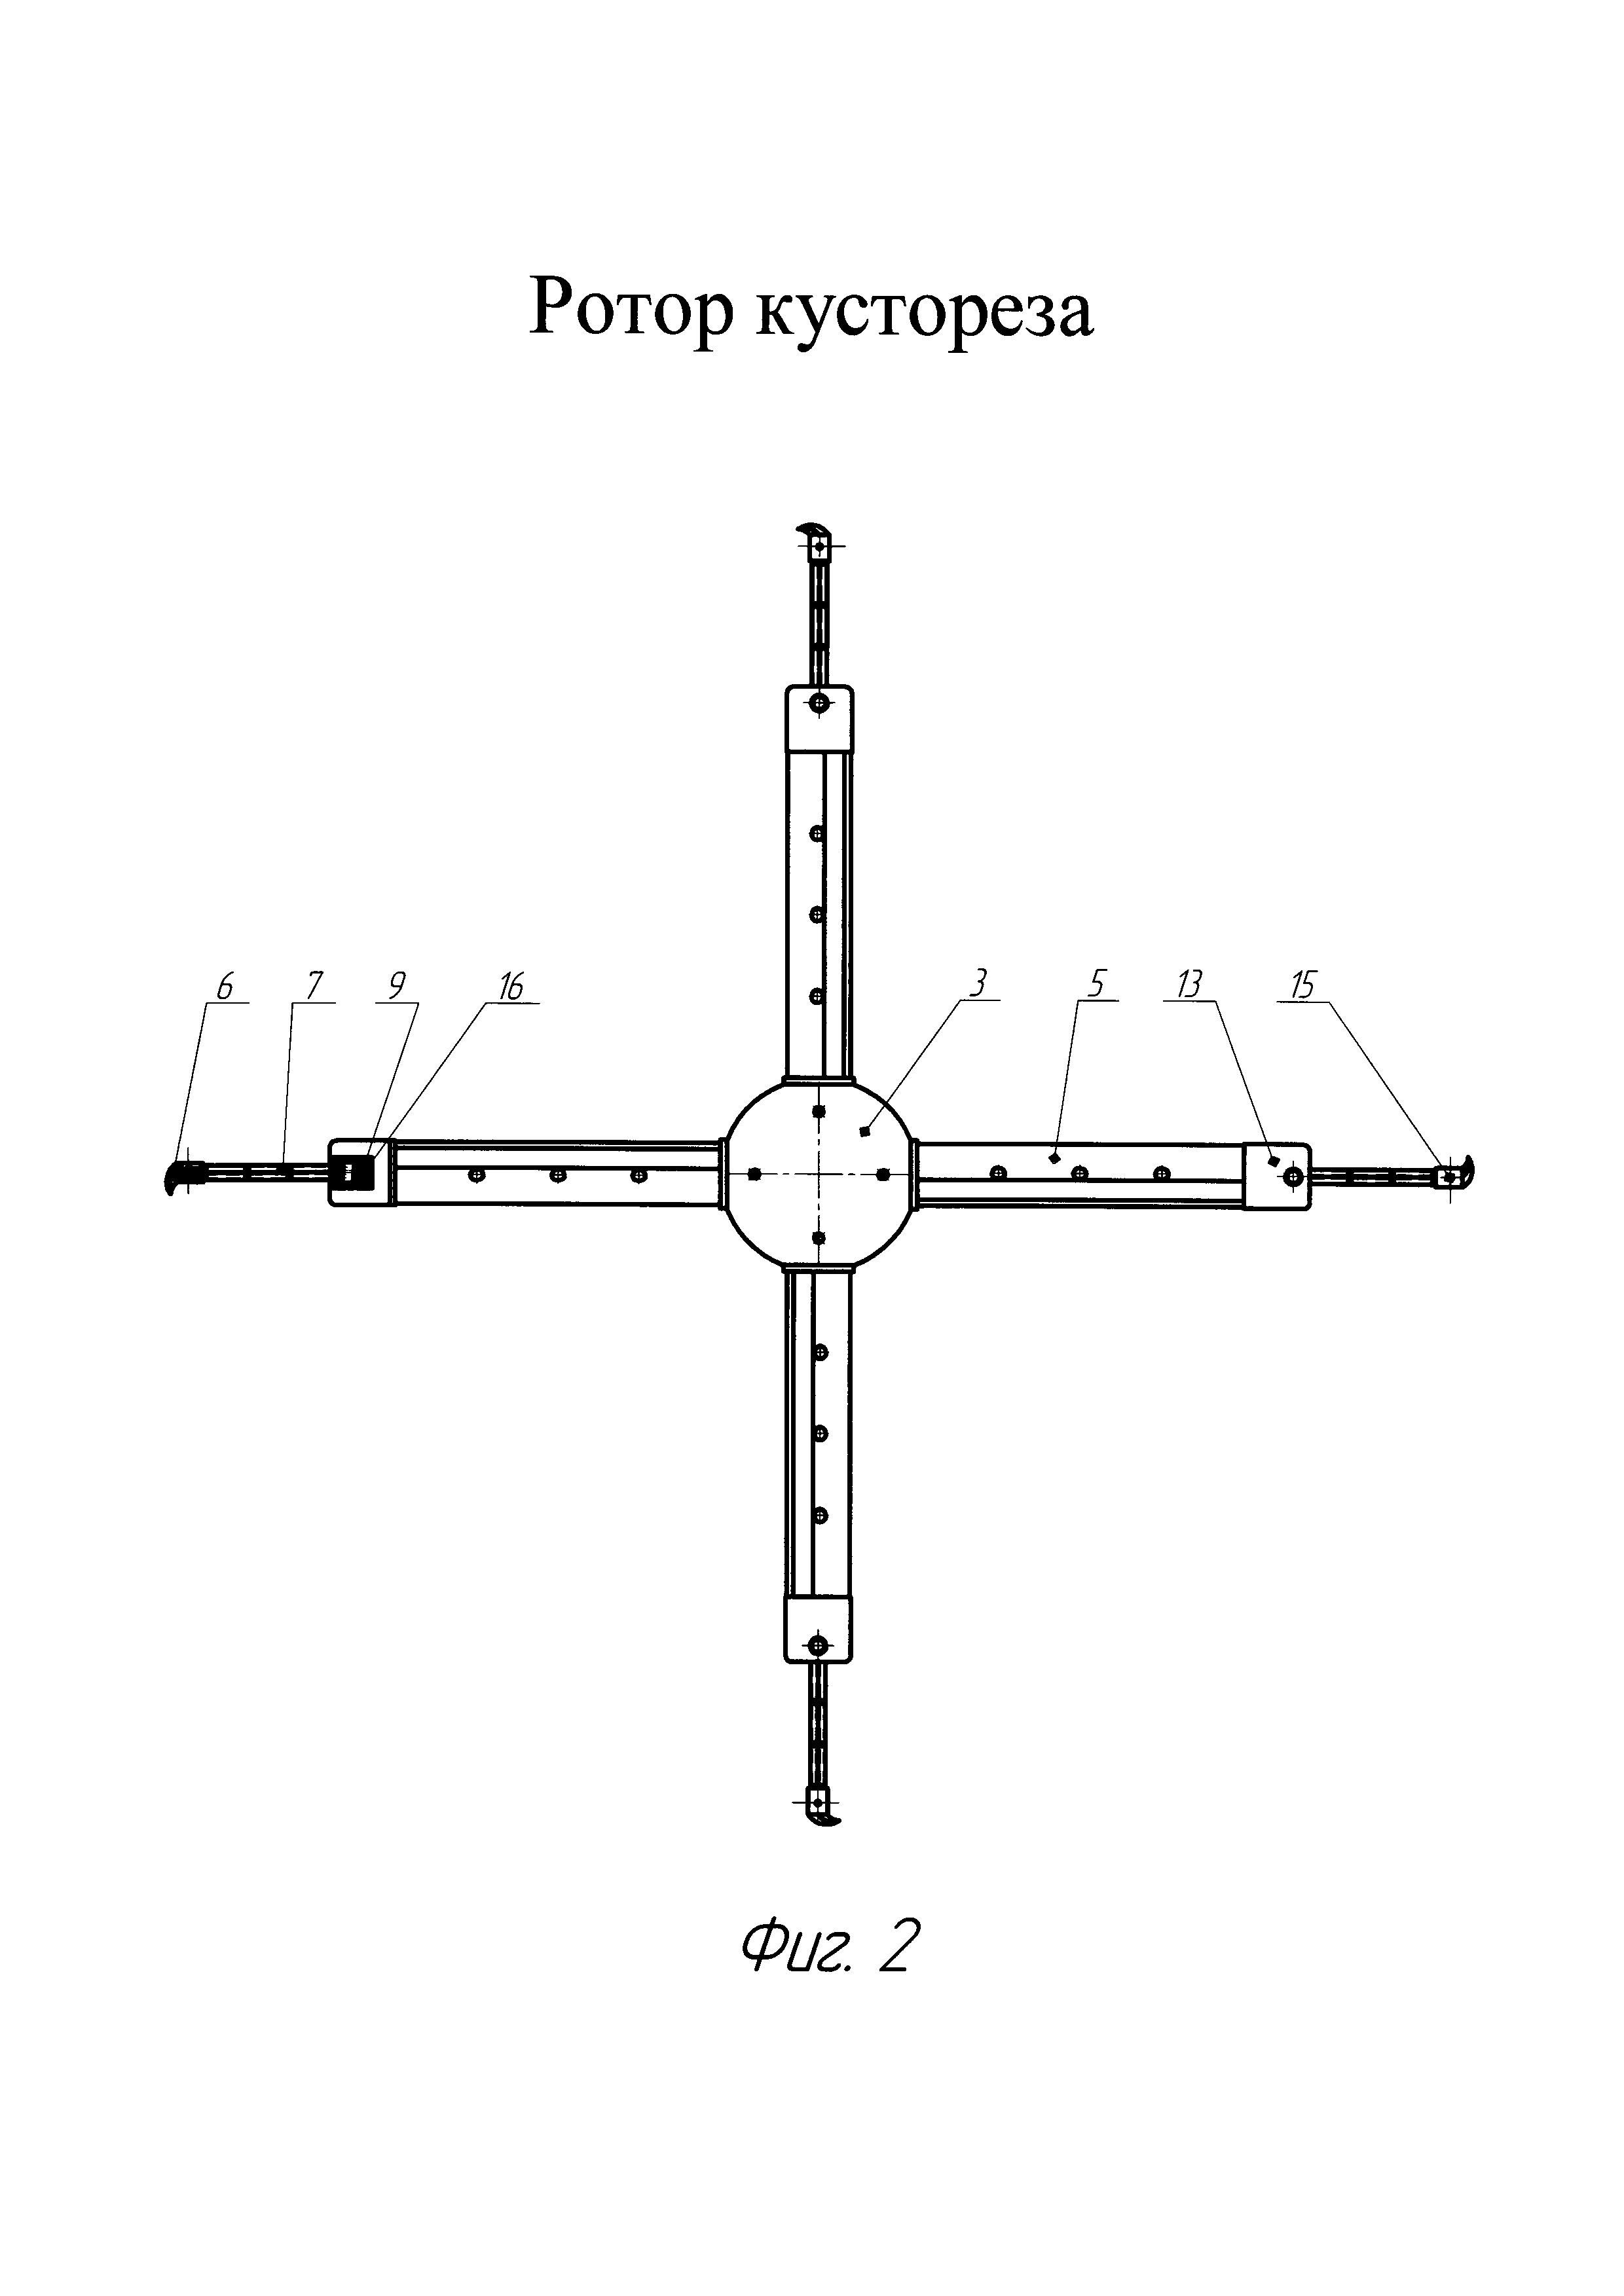 Ротор кустореза